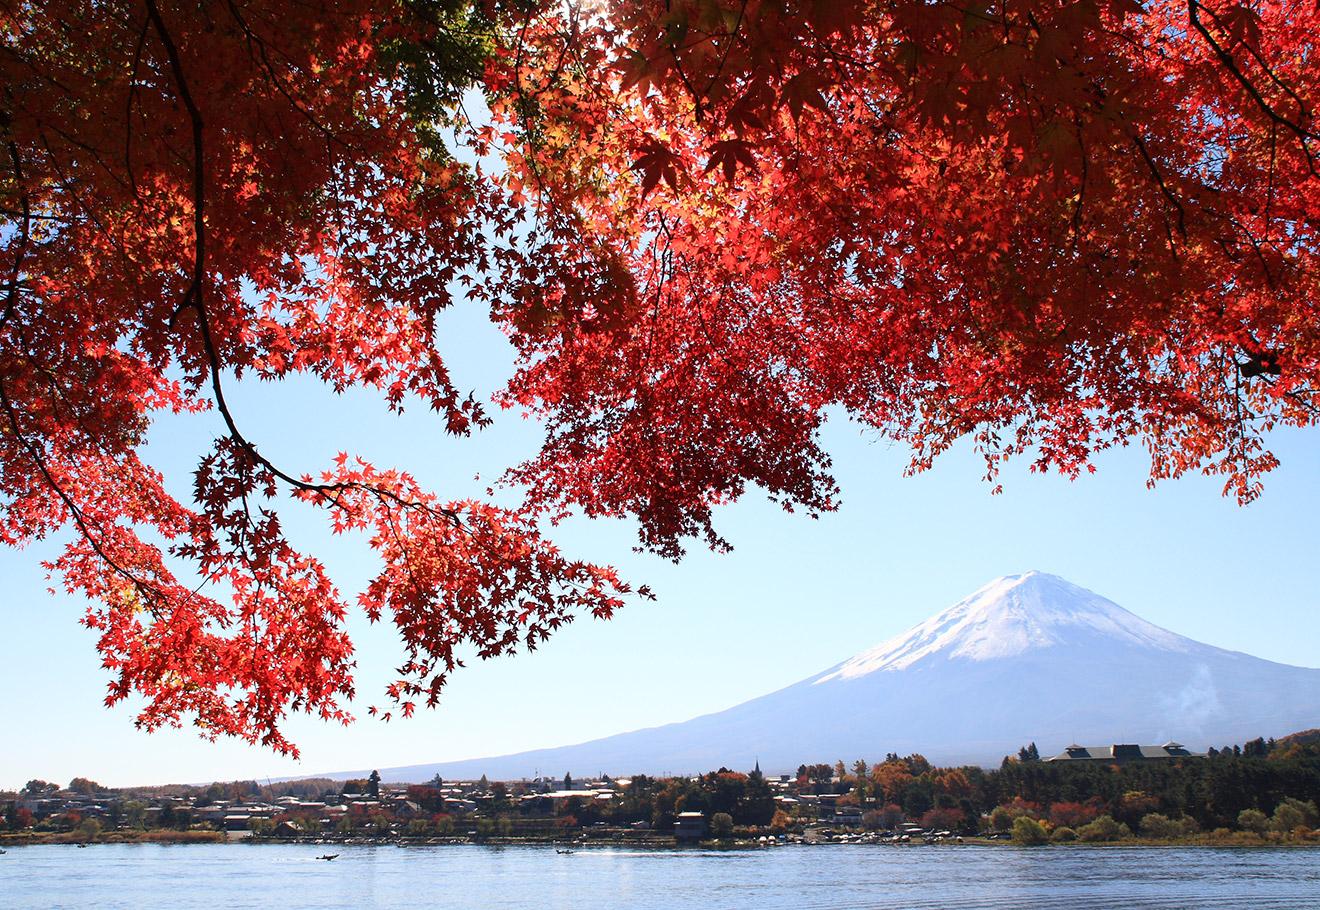 Red leaves over Lake Kawaguchiko and Mount Fuji